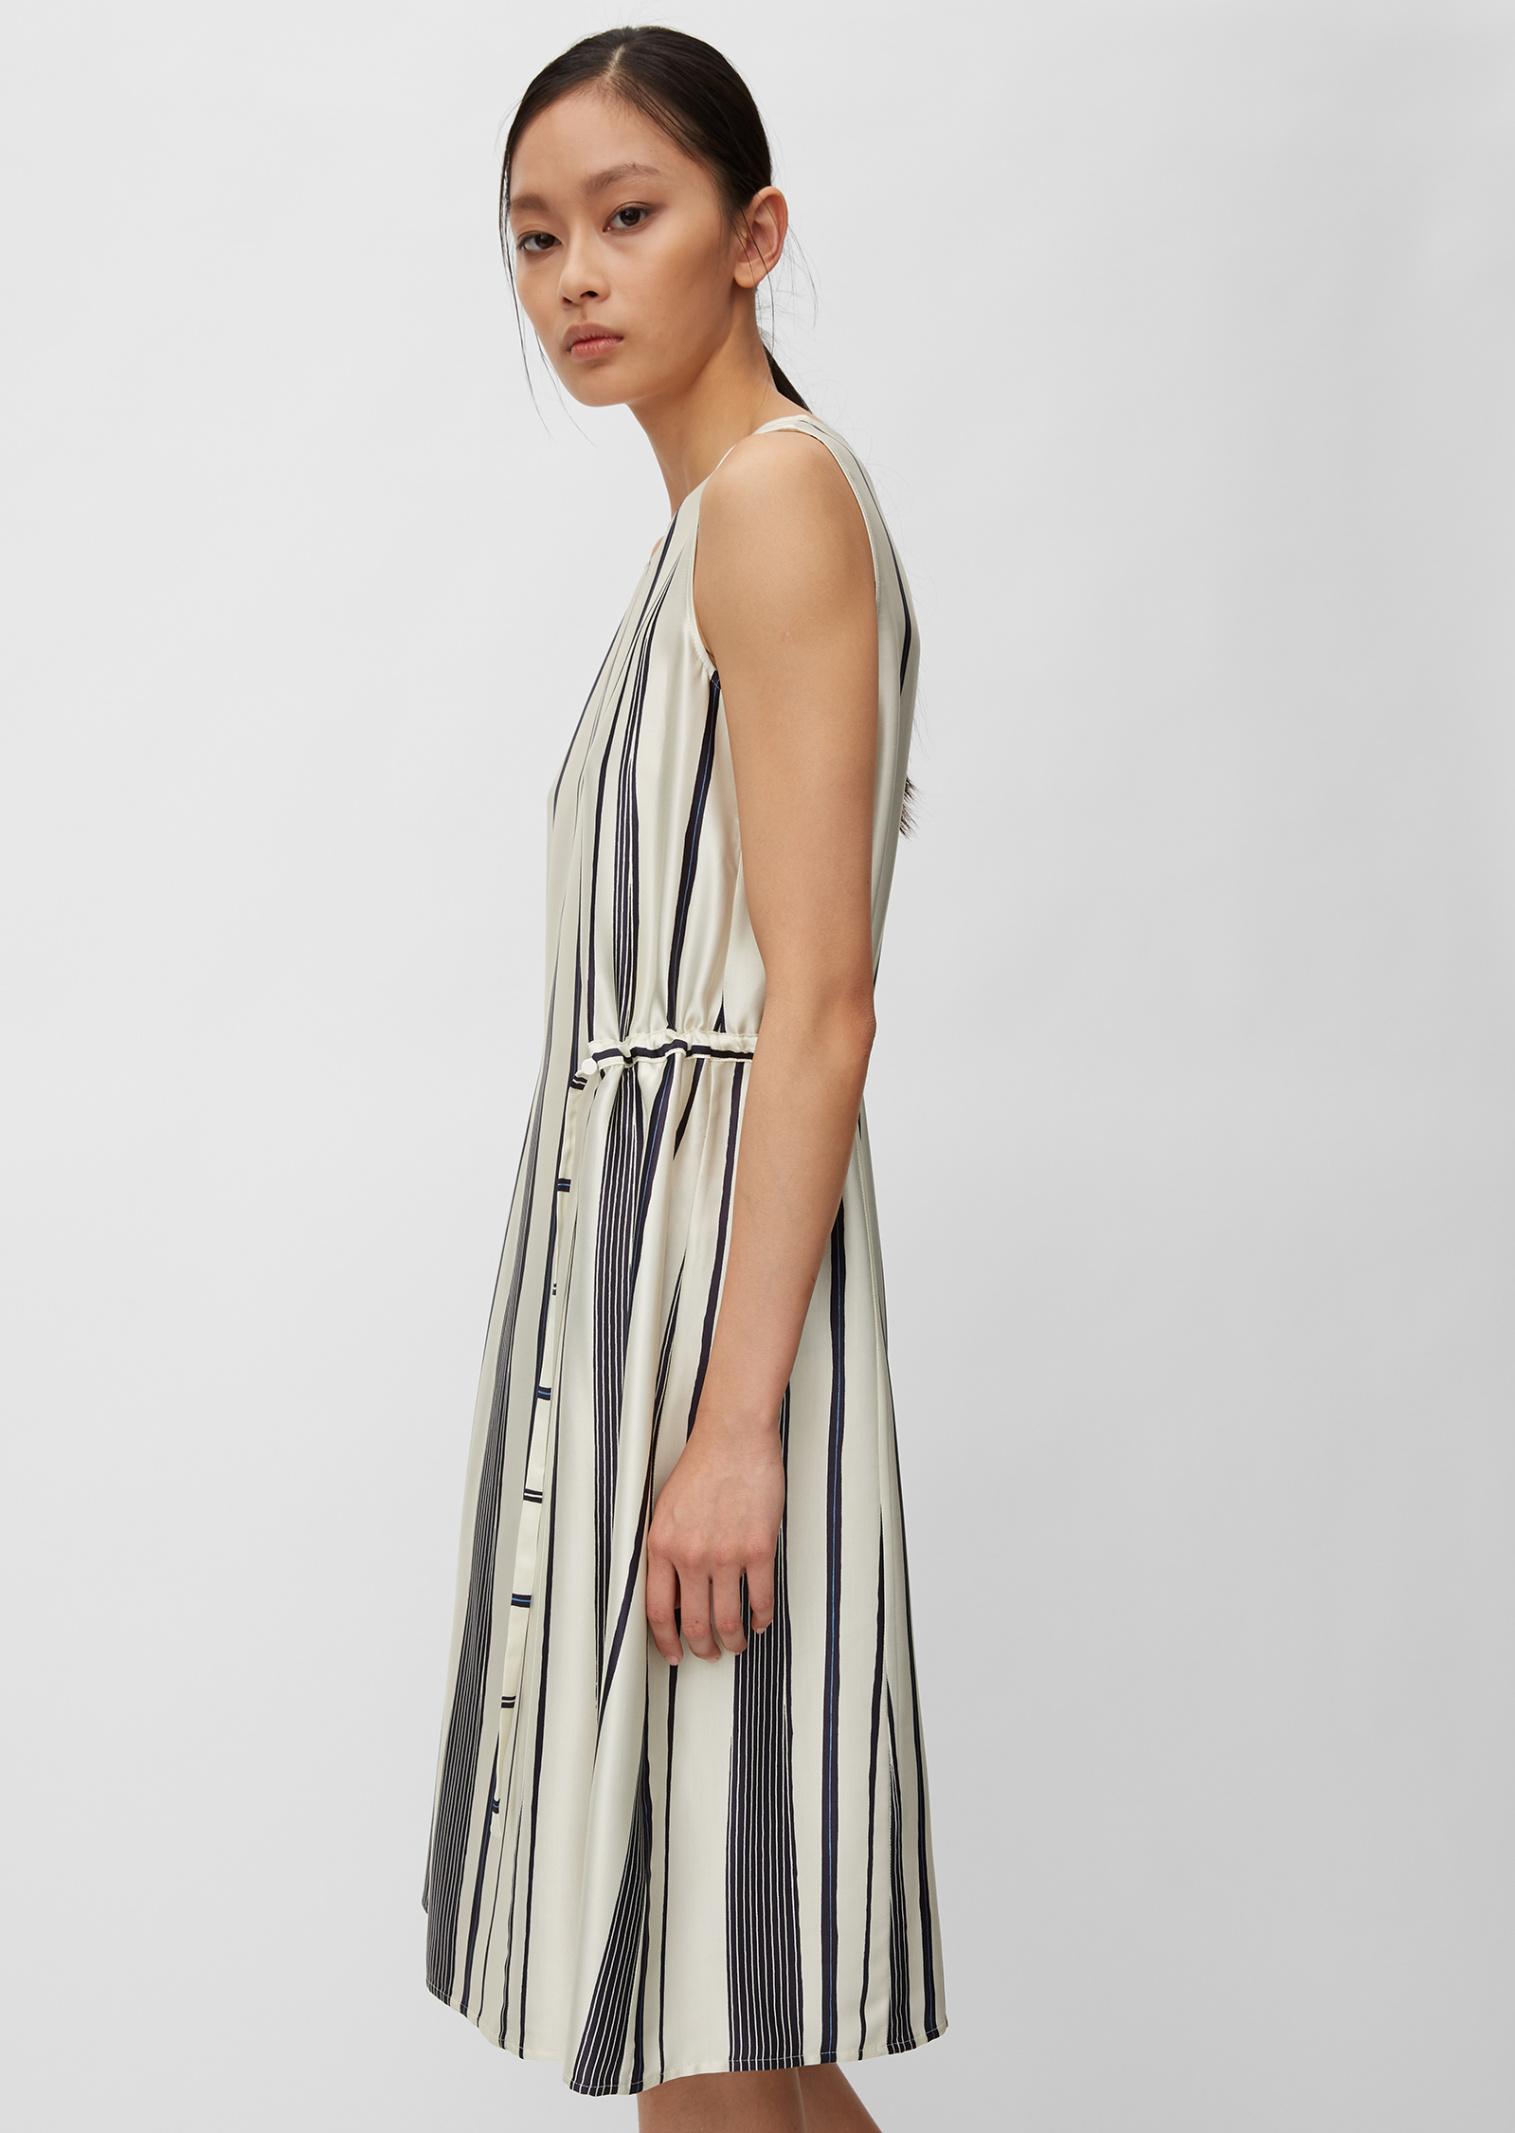 MARC O'POLO Pure Сукня жіночі модель 083100221193-T01 придбати, 2017